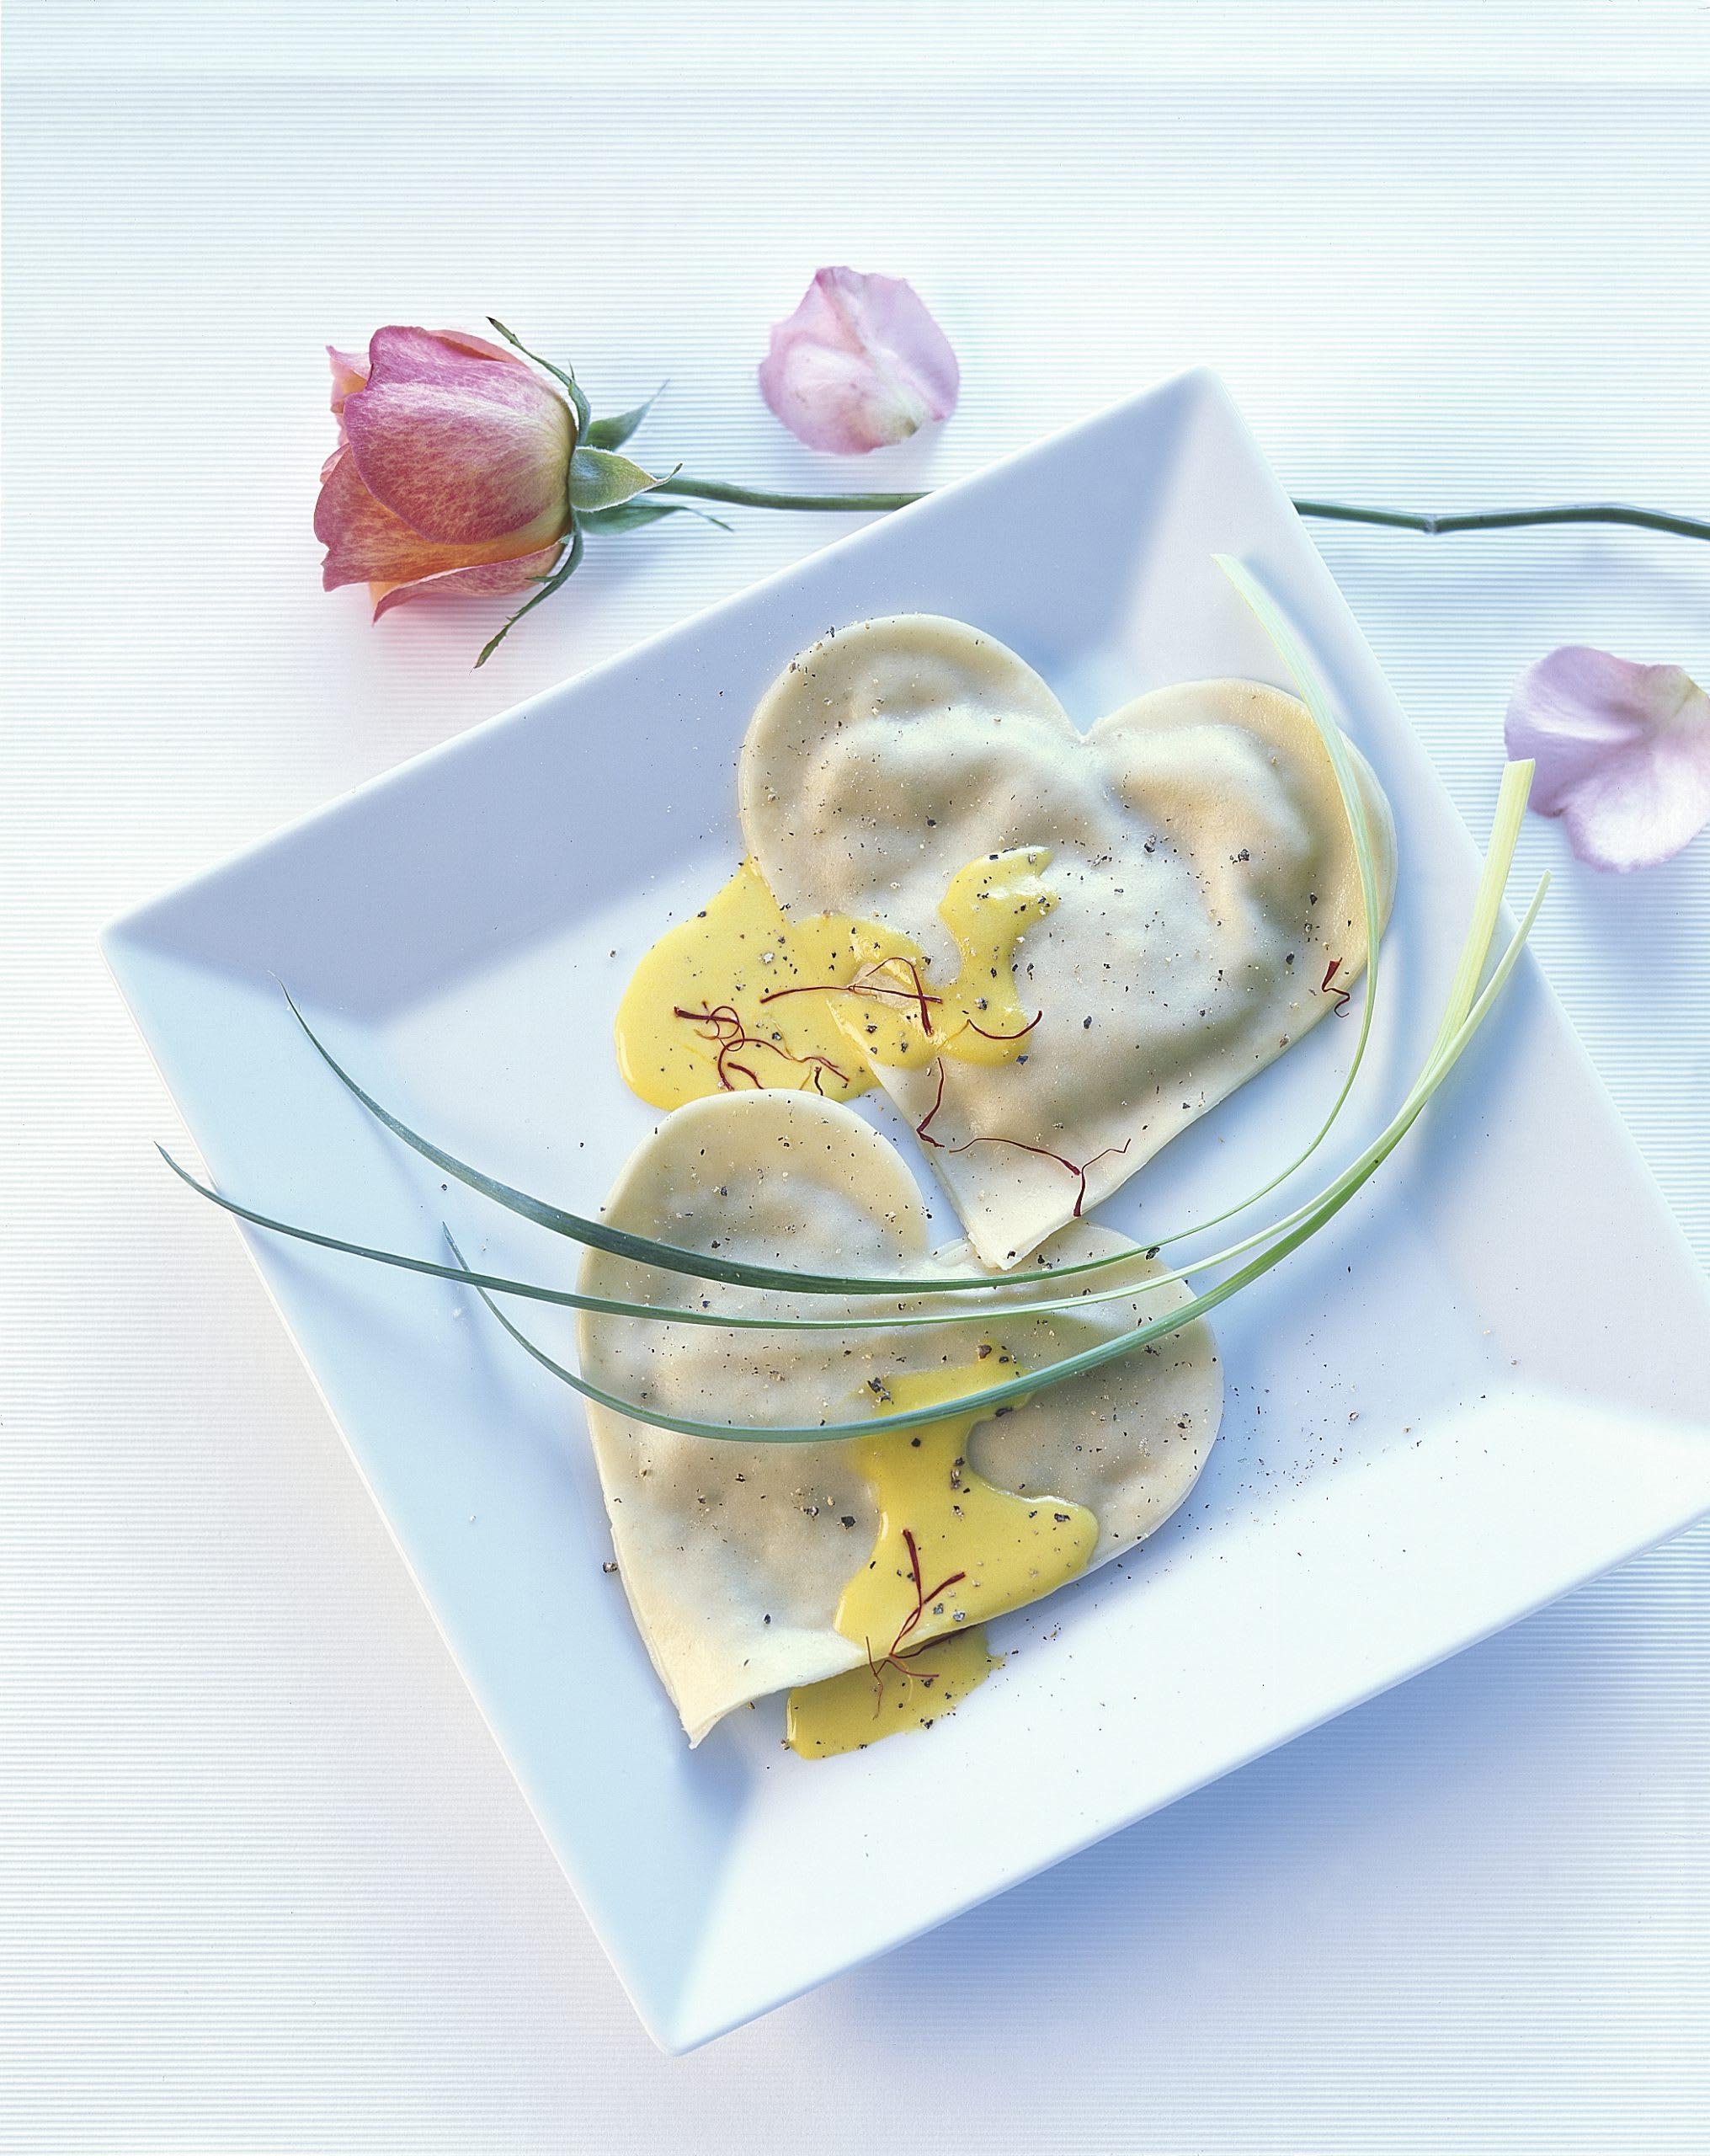 Ravioli mit Lauch-Baumnuss-Füllung an Safransauce